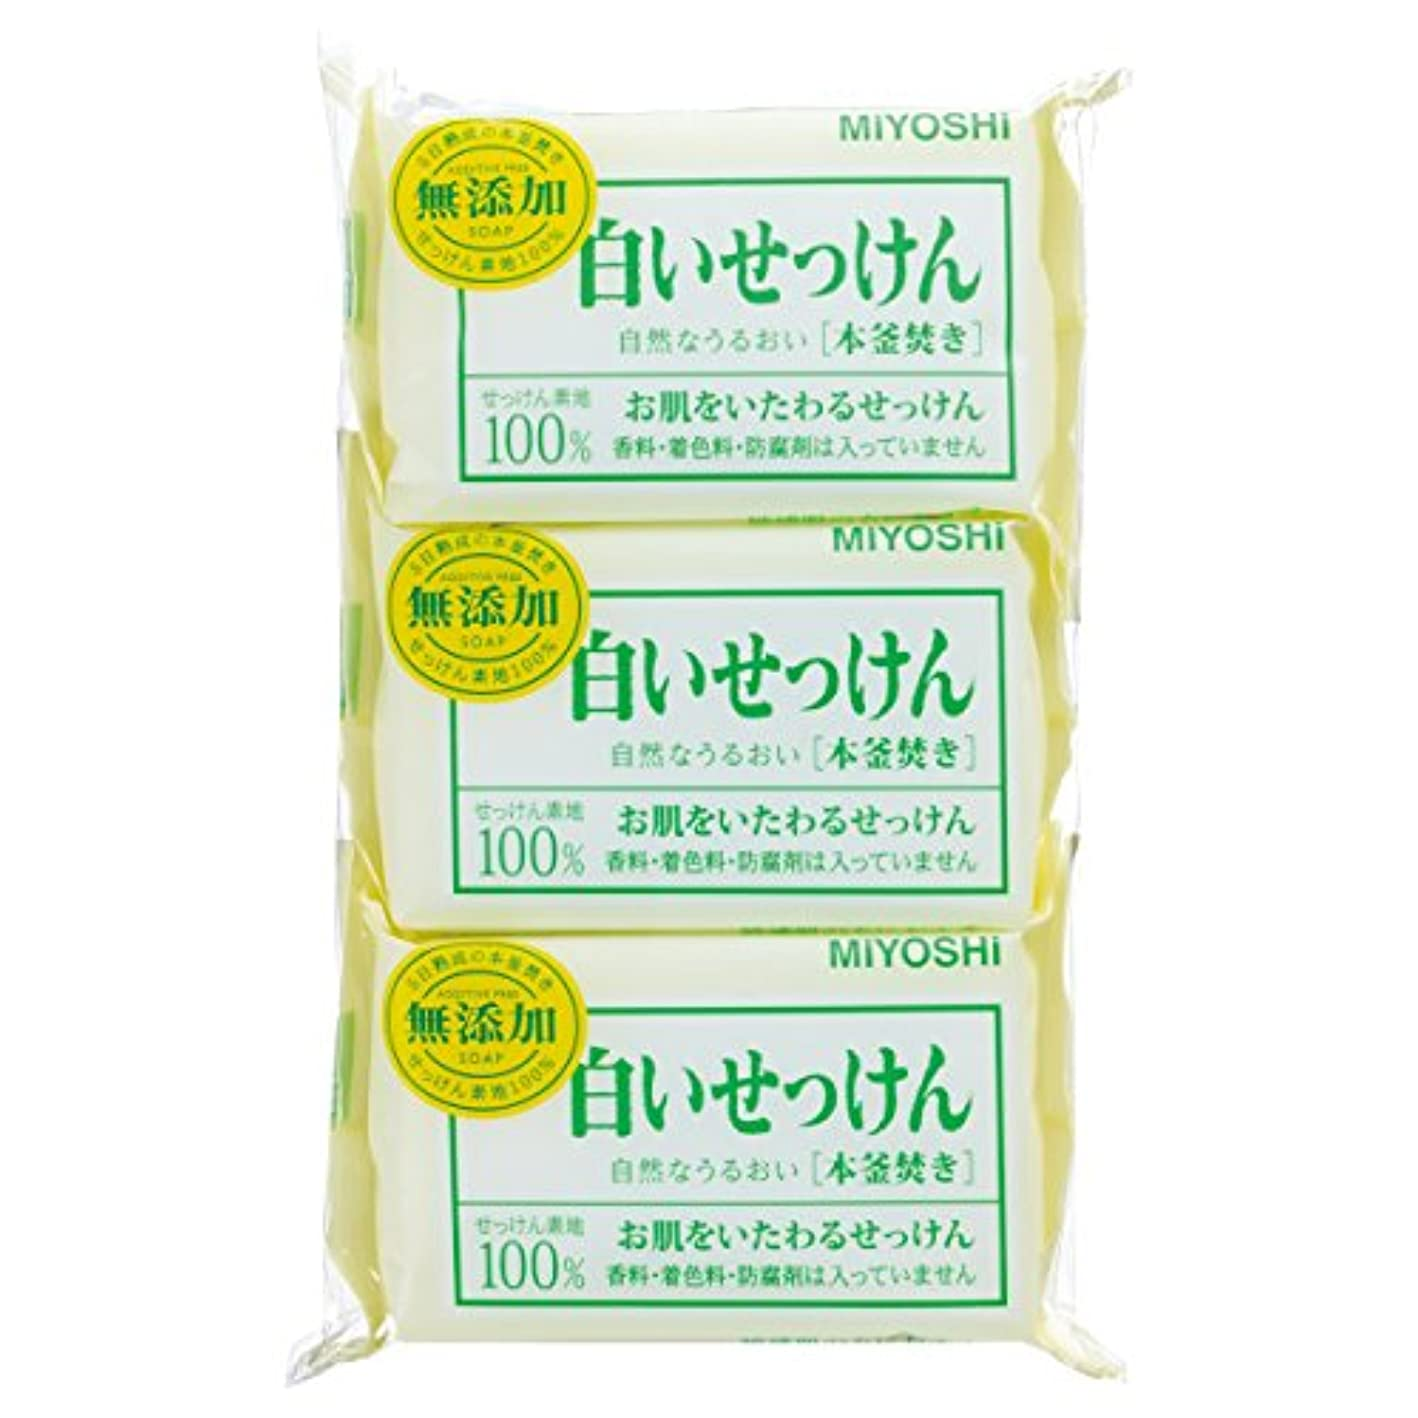 ミヨシ石鹸 無添加石鹸白いせっけん3P